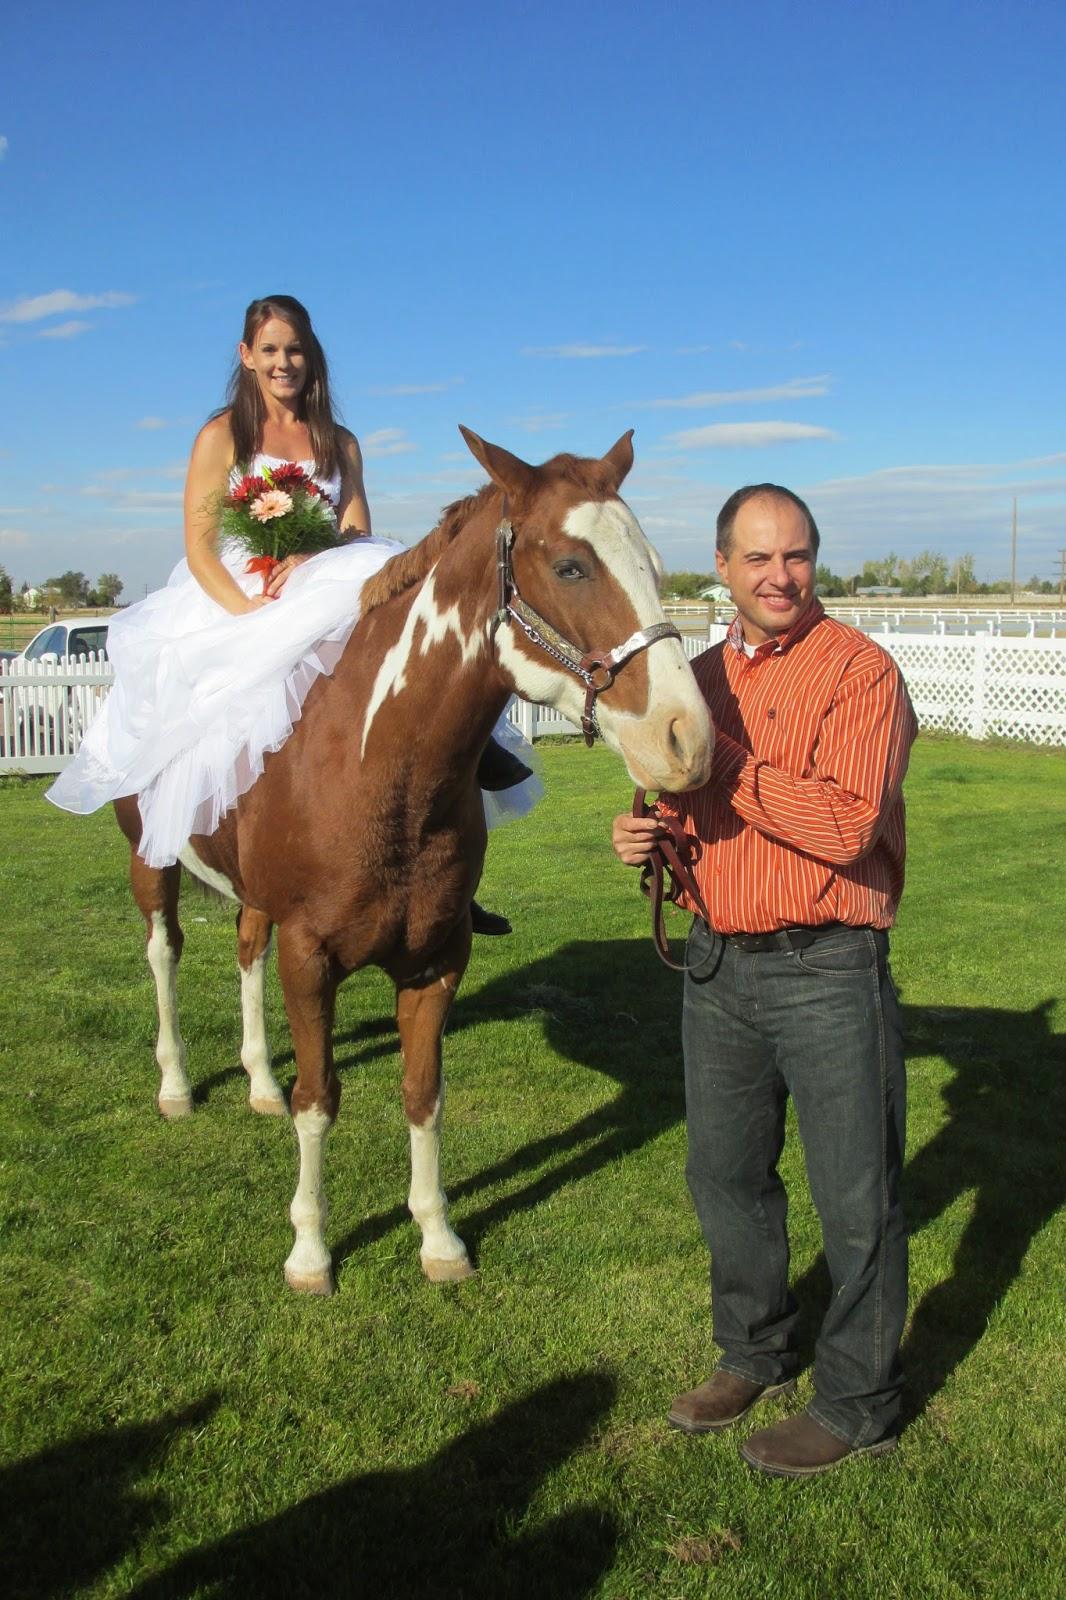 Shauna connolly wedding